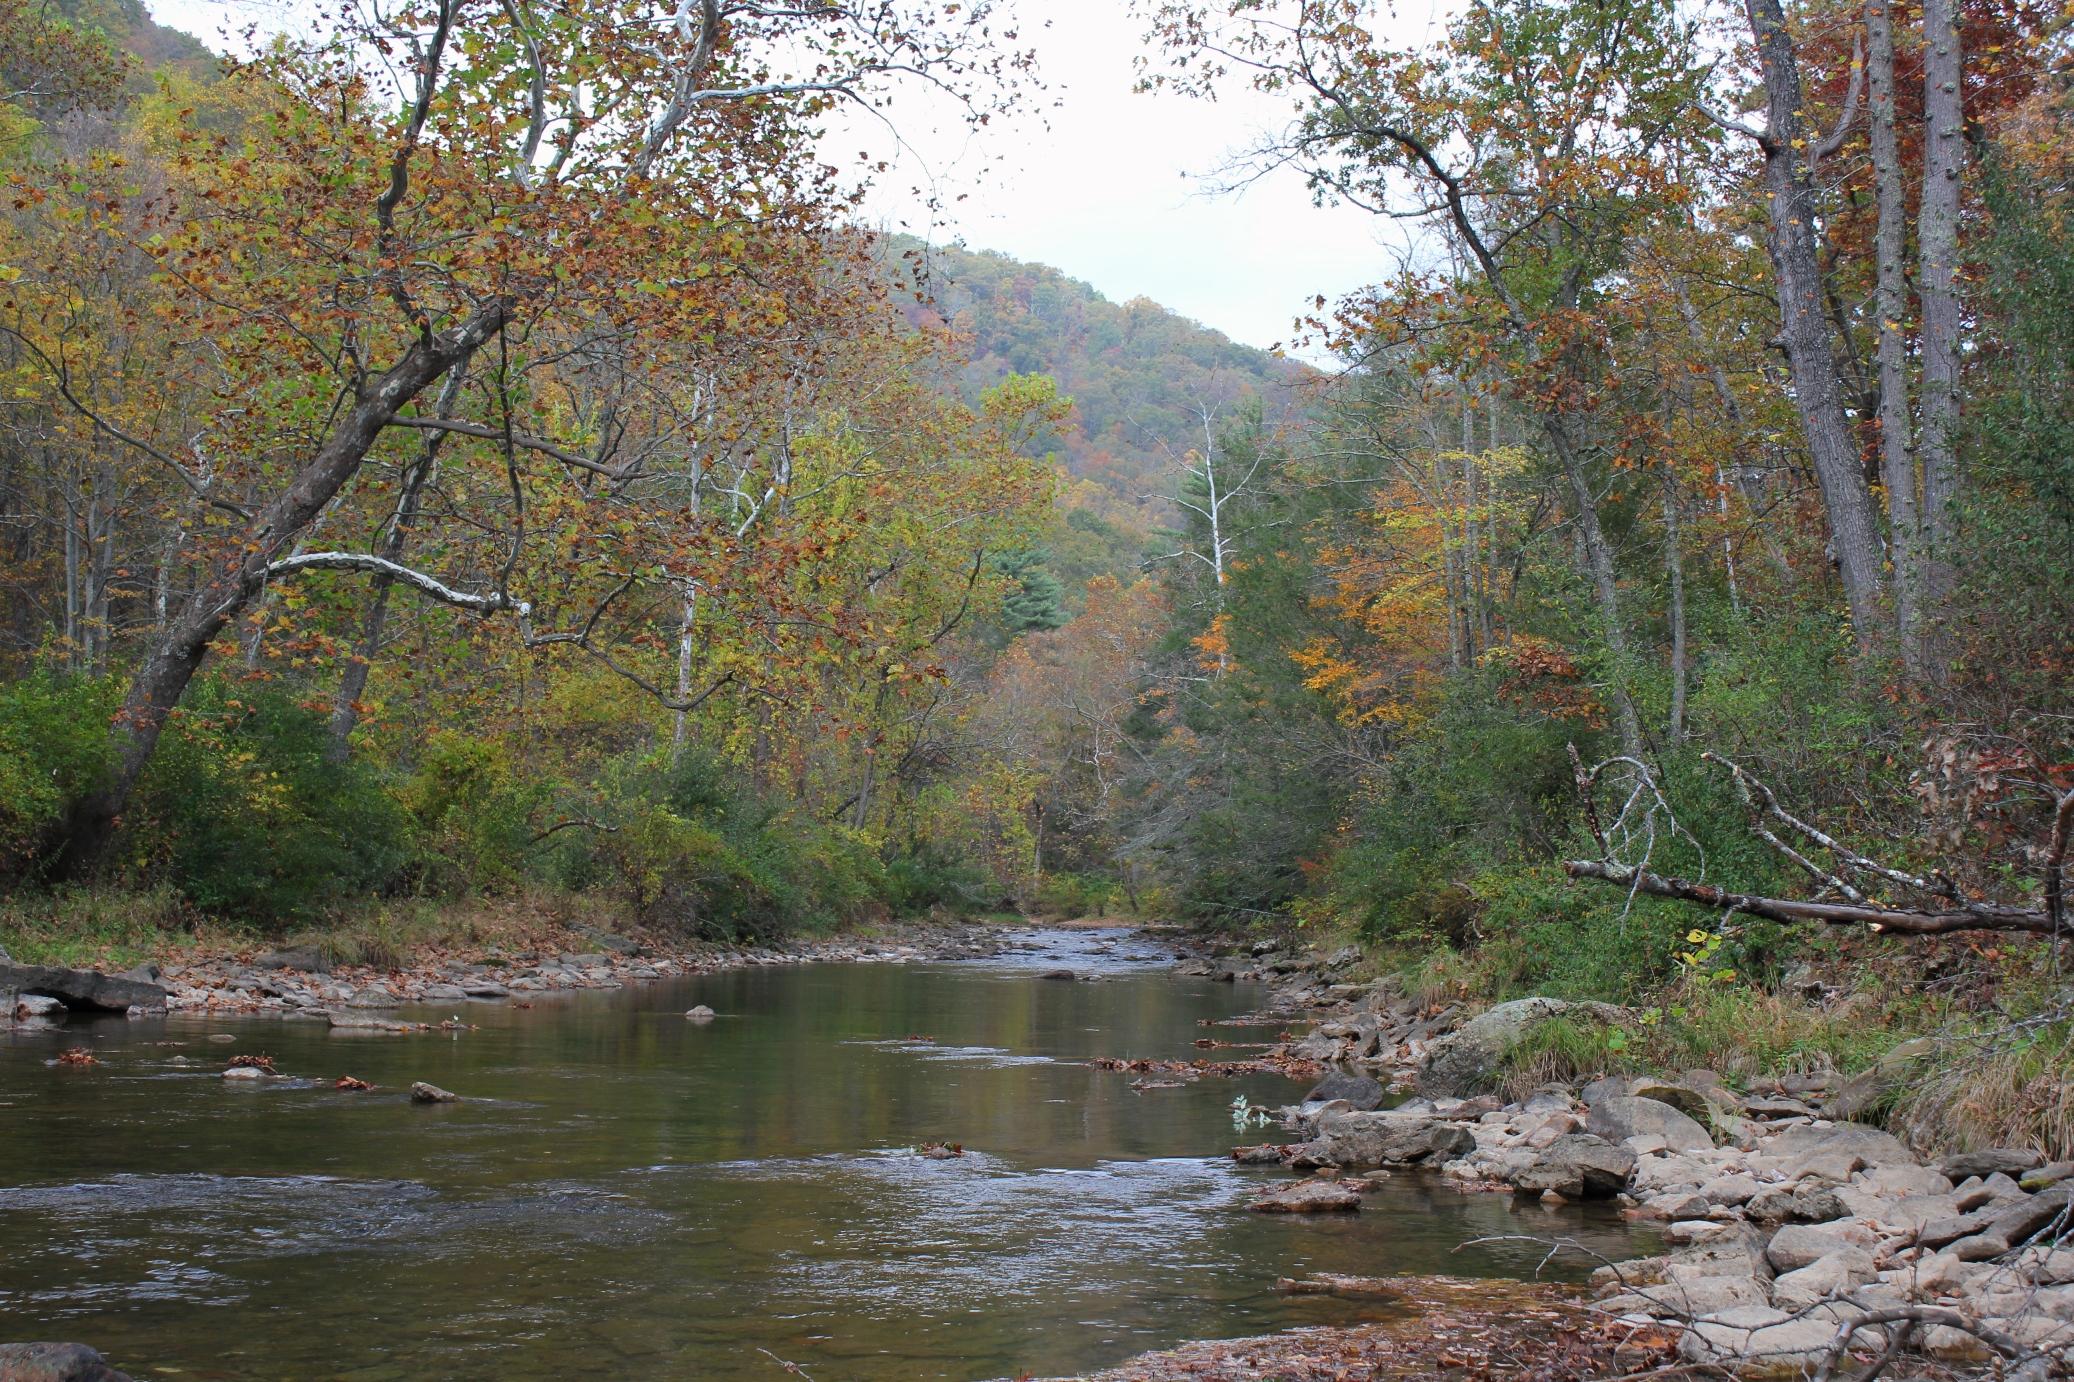 Jackson River in Hidden Valley